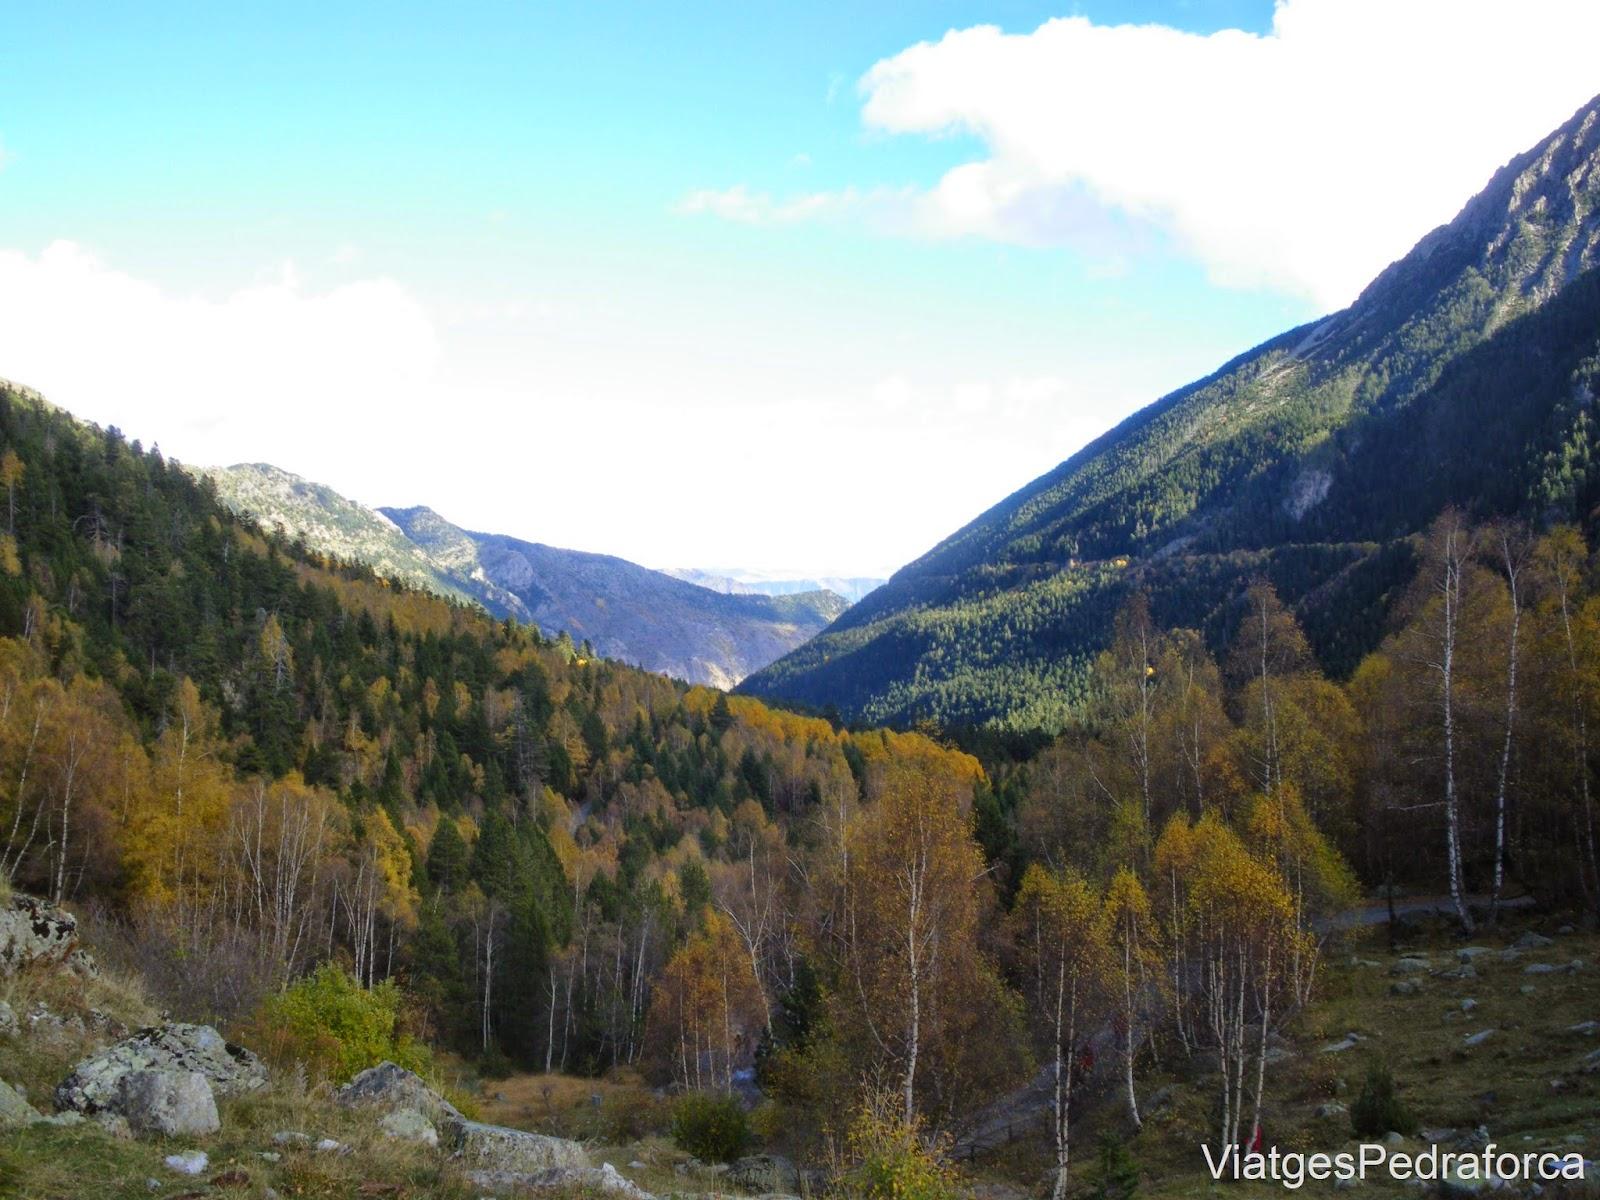 Vall del riu Escrita Espot Pallars Sobira Pirineu de Lleida Parc nacional d'Aigüestortes